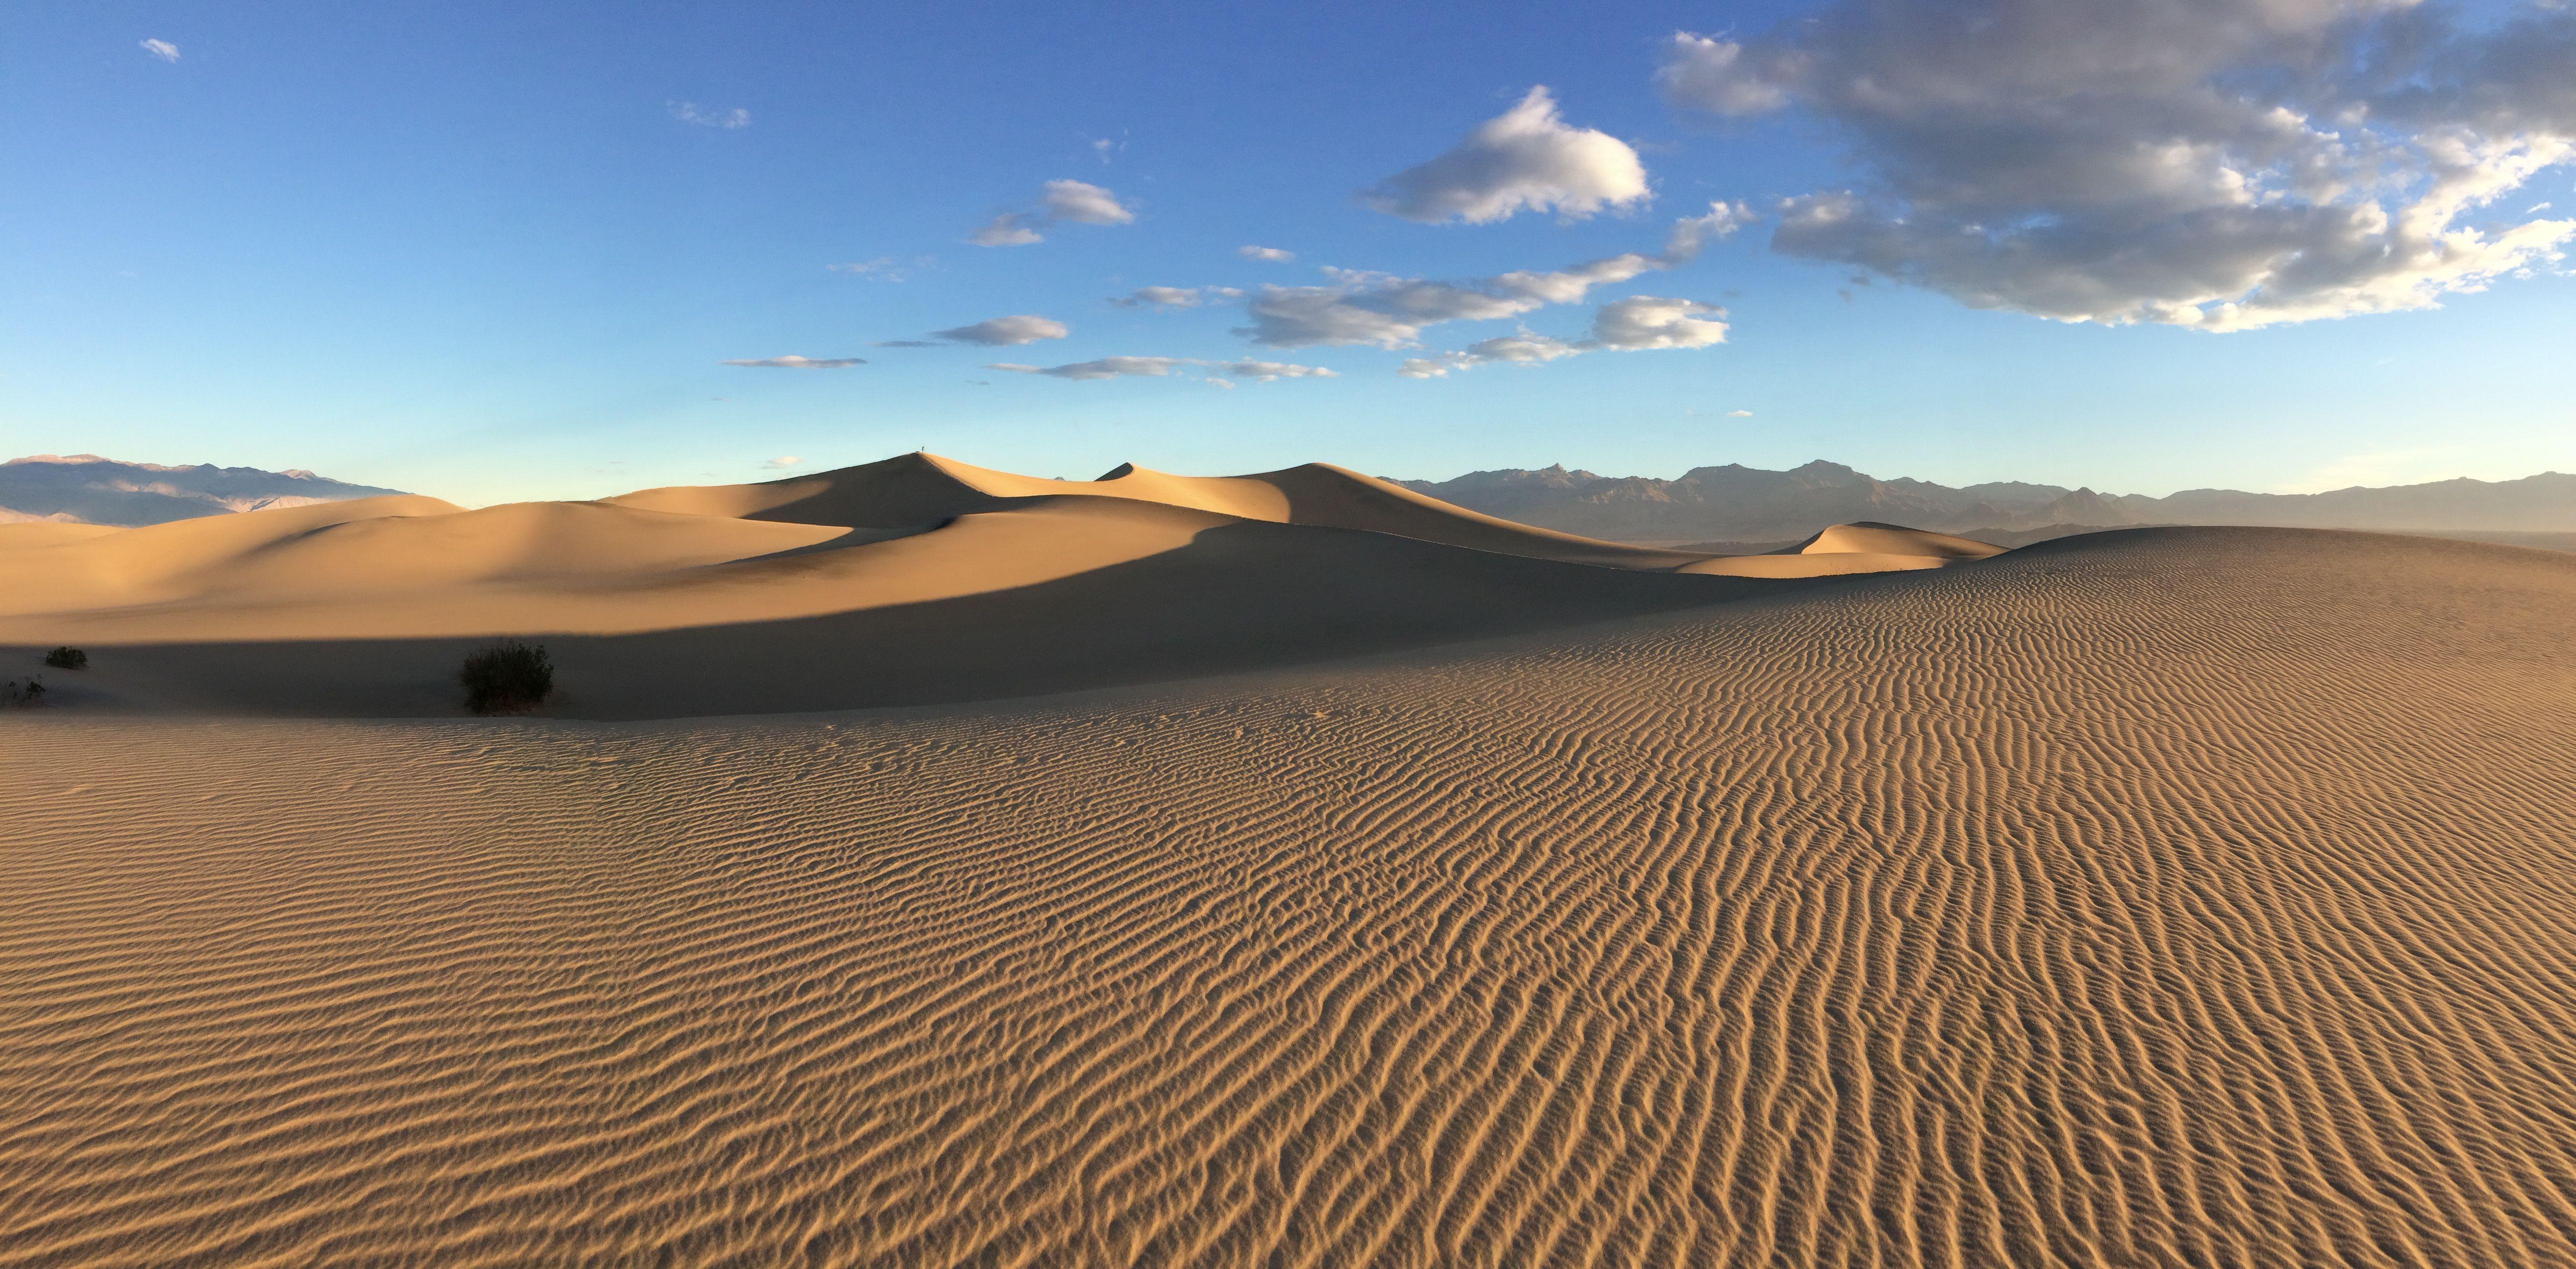 Desert 4k Ultra HD Wallpaper | Background Image ...